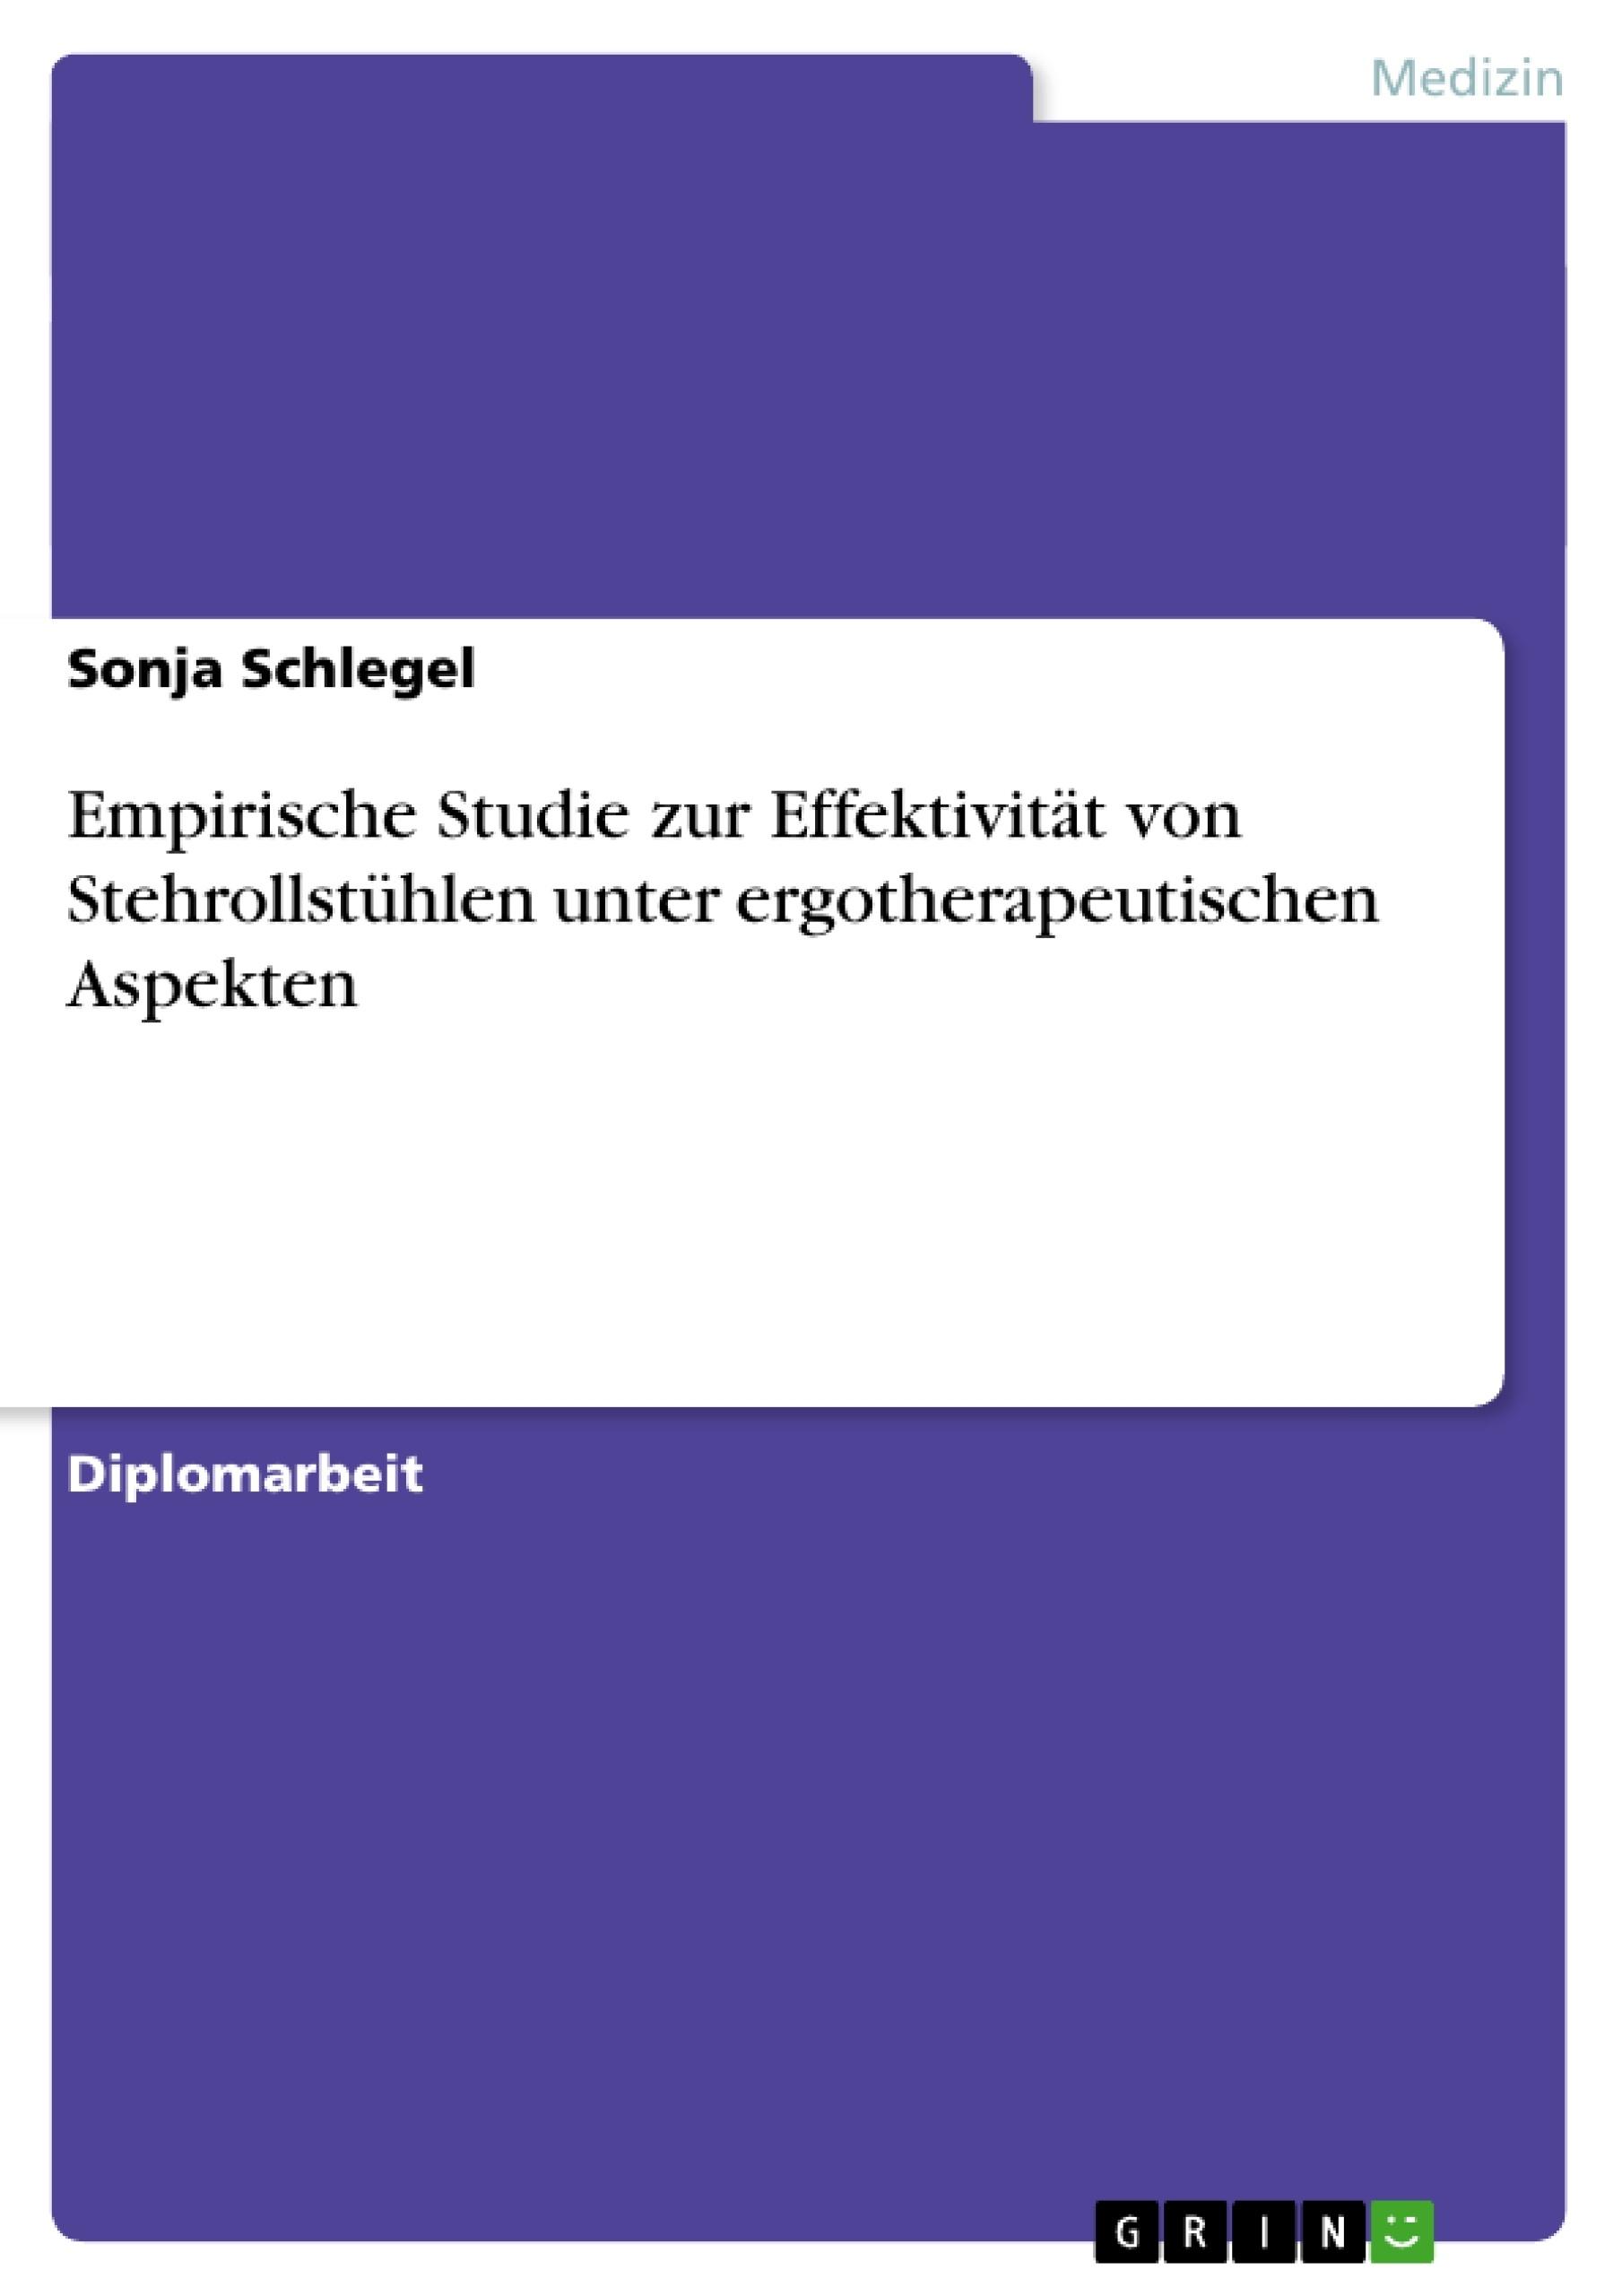 Titel: Empirische Studie zur Effektivität von Stehrollstühlen unter ergotherapeutischen Aspekten